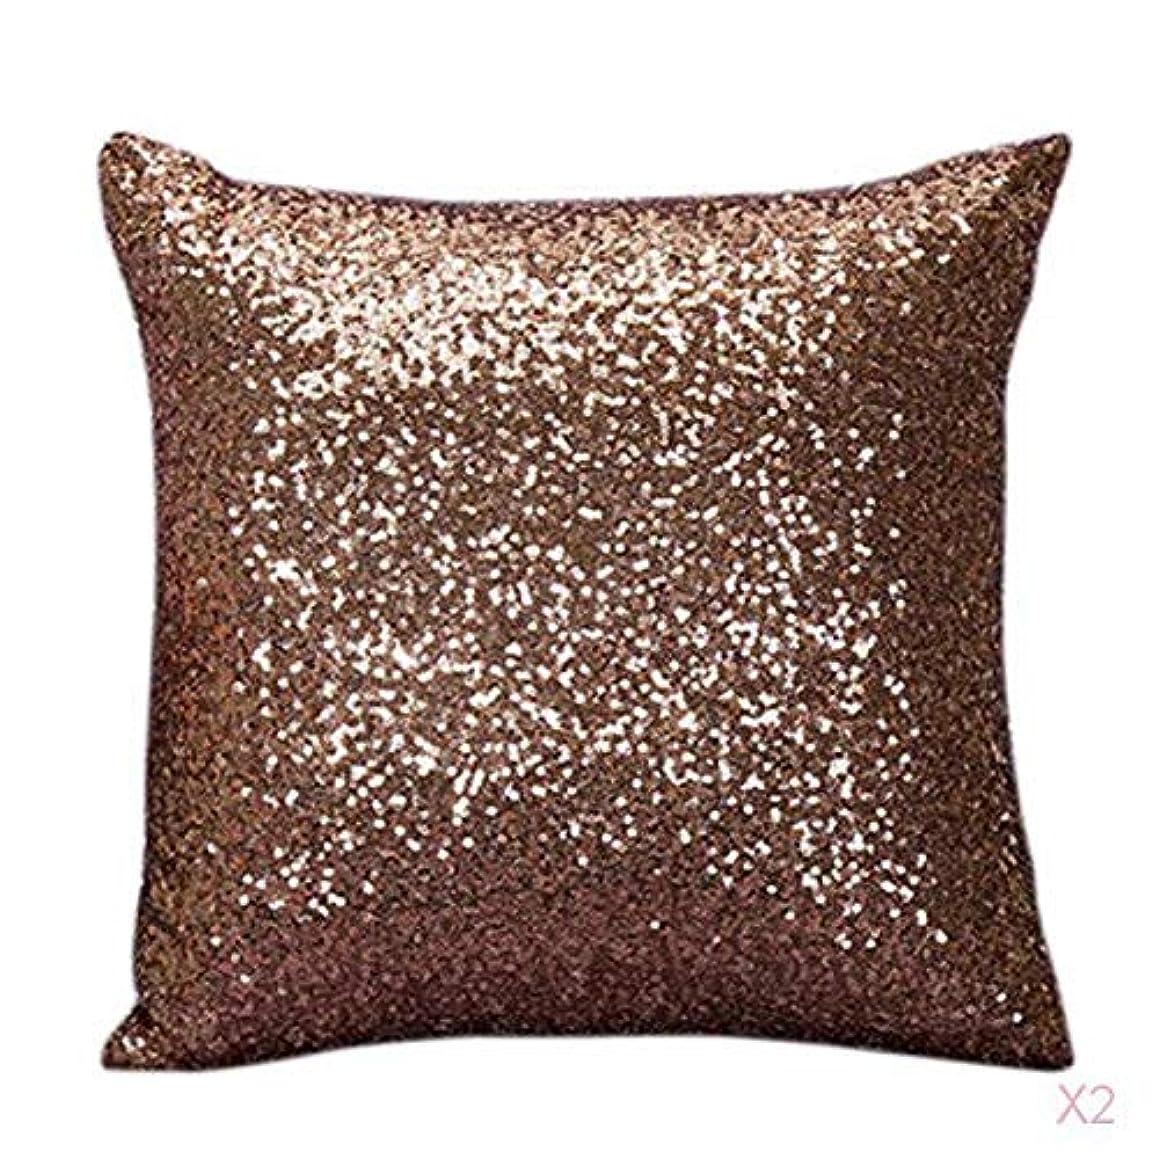 なめらかな赤外線望みファンシースパンコールソファスクエア枕クッションカバーケースは、ホームインテリアブラウンを投げ